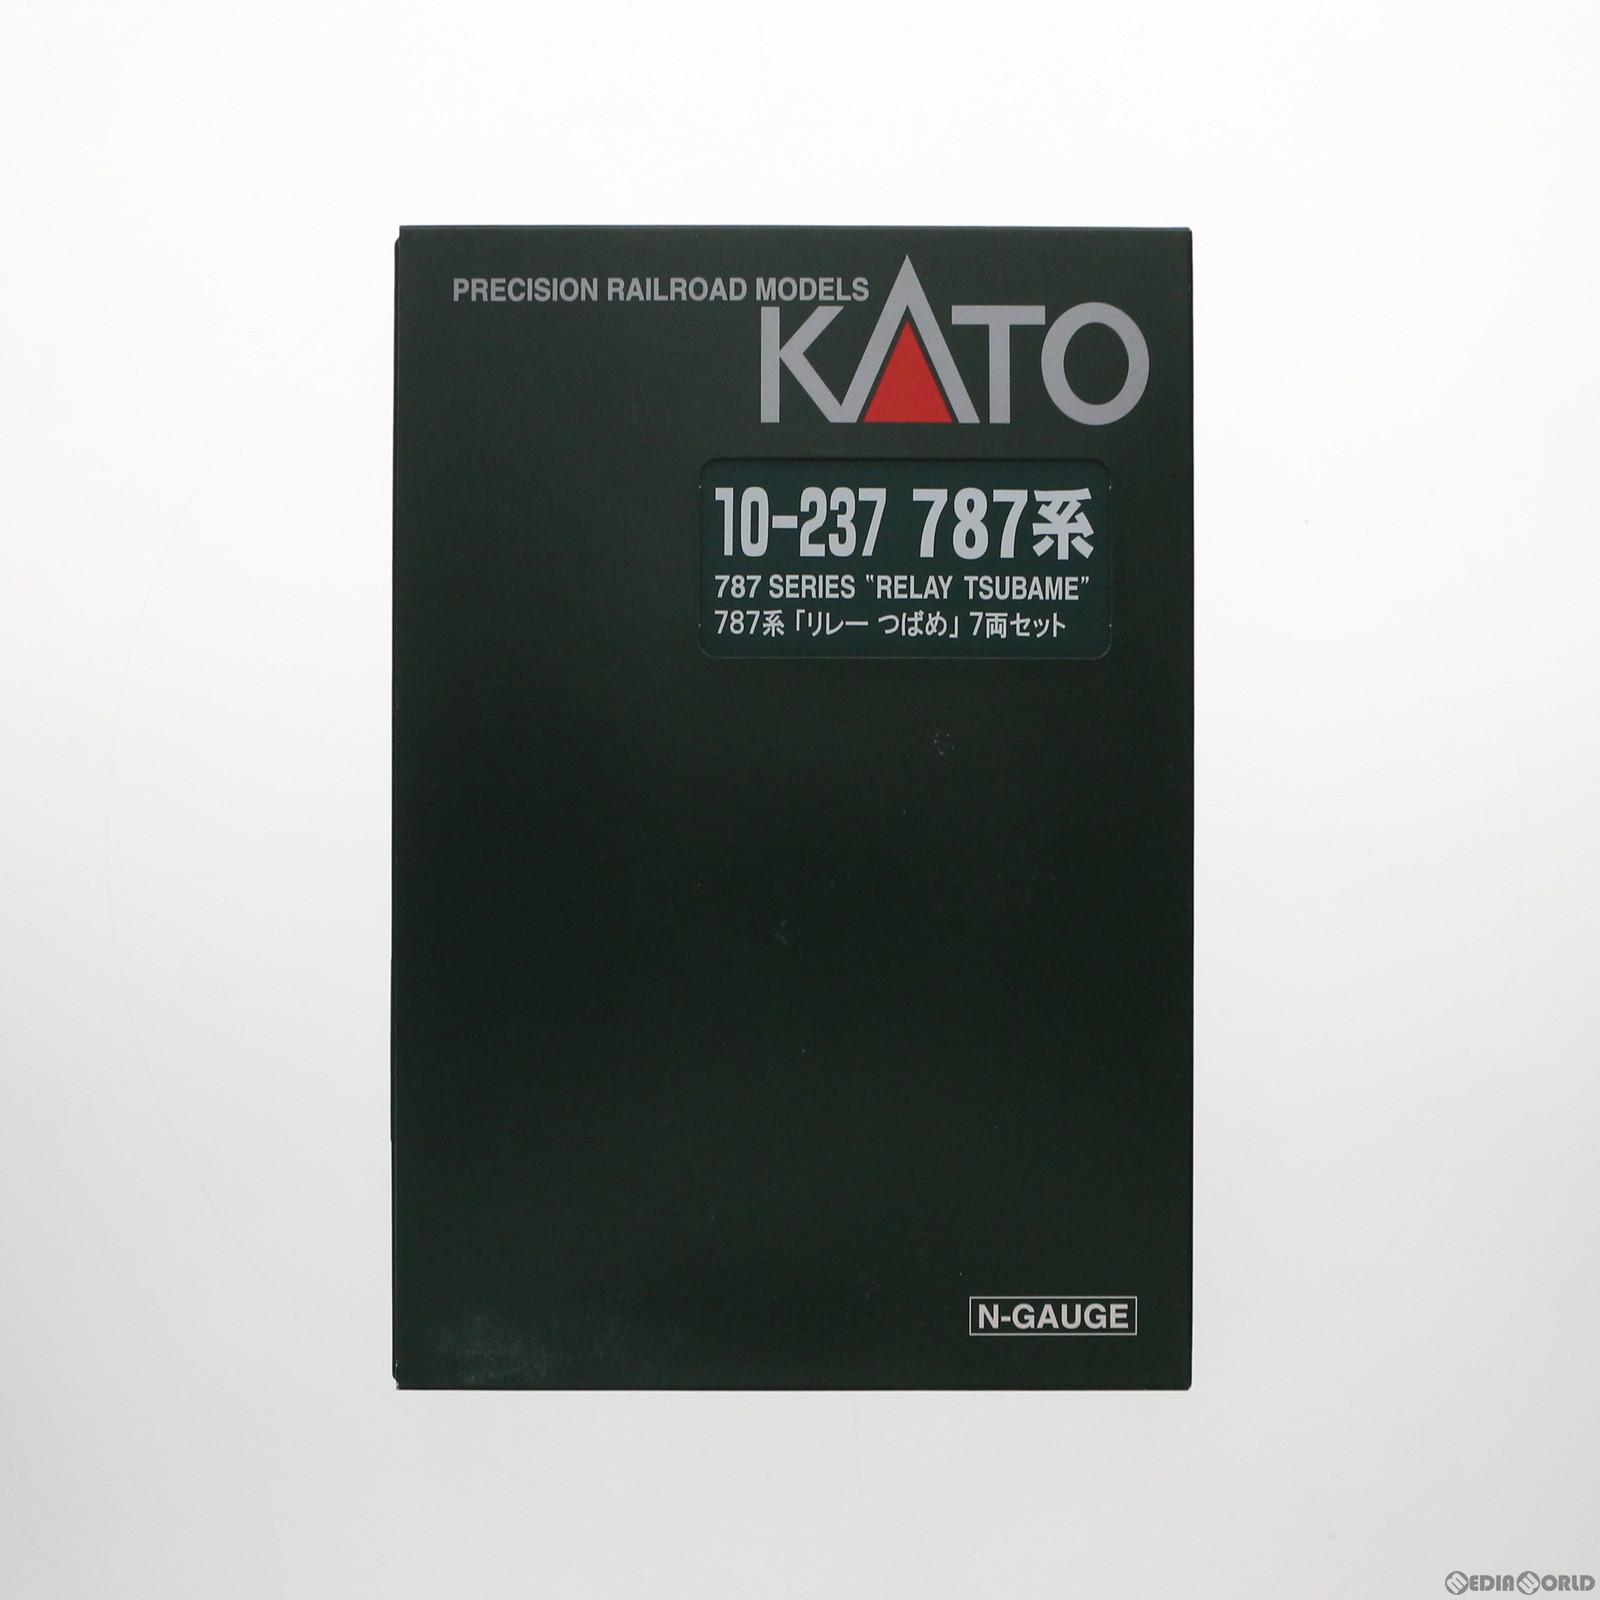 【中古】[RWM]10-237 787系「リレーつばめ」 7両セット Nゲージ 鉄道模型 KATO(カトー)(20050407)